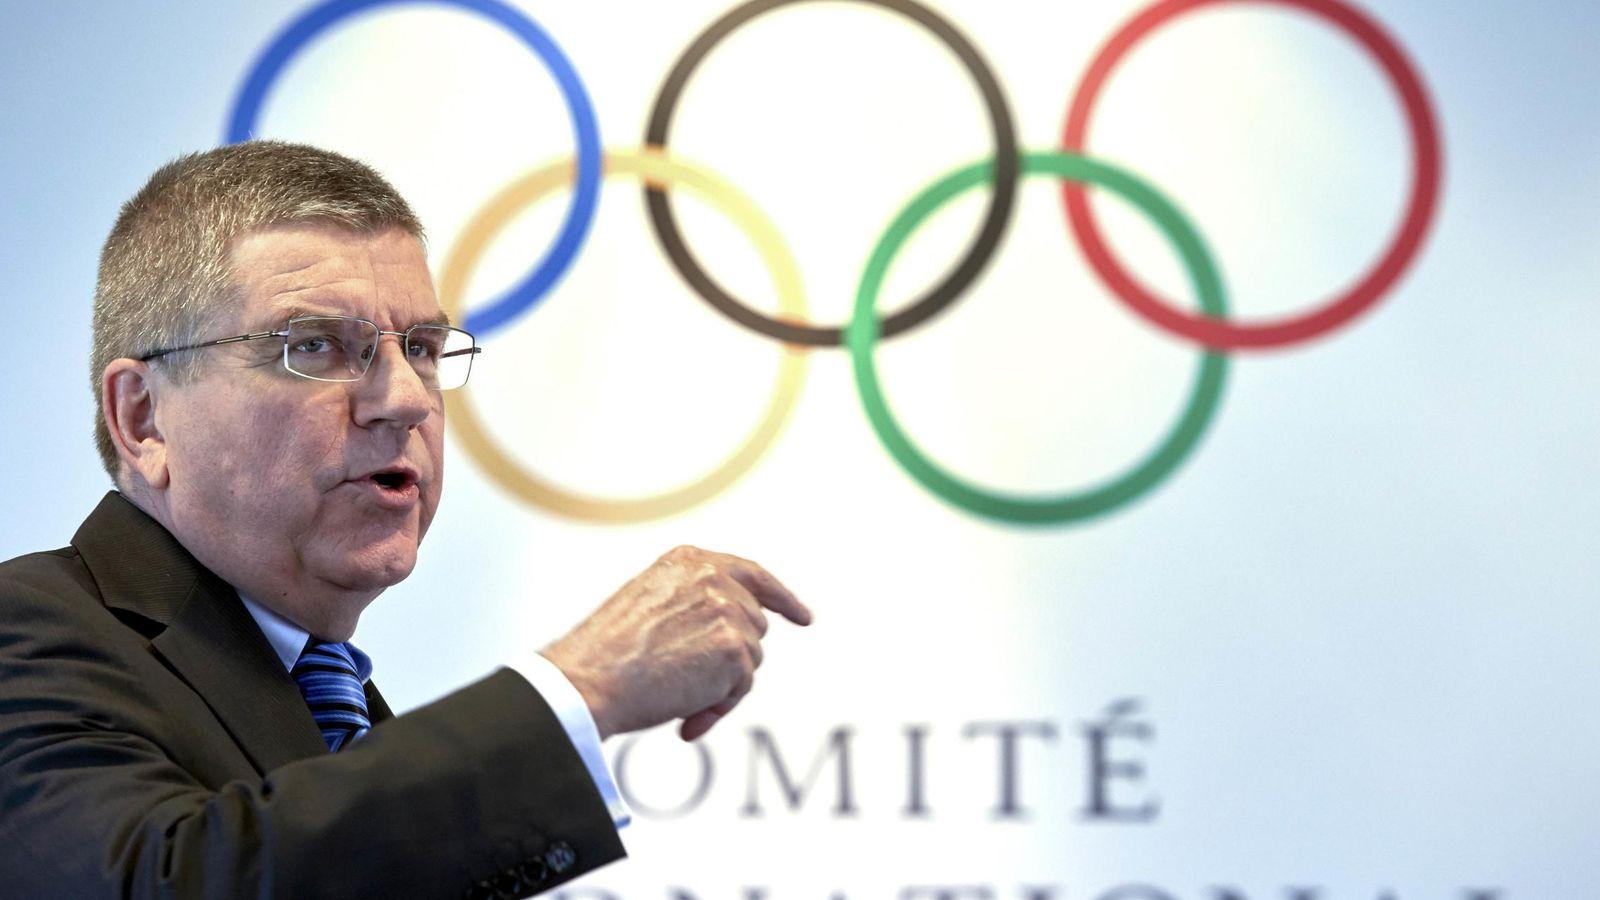 215c1d0bc4 Juegos Olímpicos Río 2016  Cómo el COI da brillo a los anillos olímpicos a  partir de la crisis que acusó Madrid